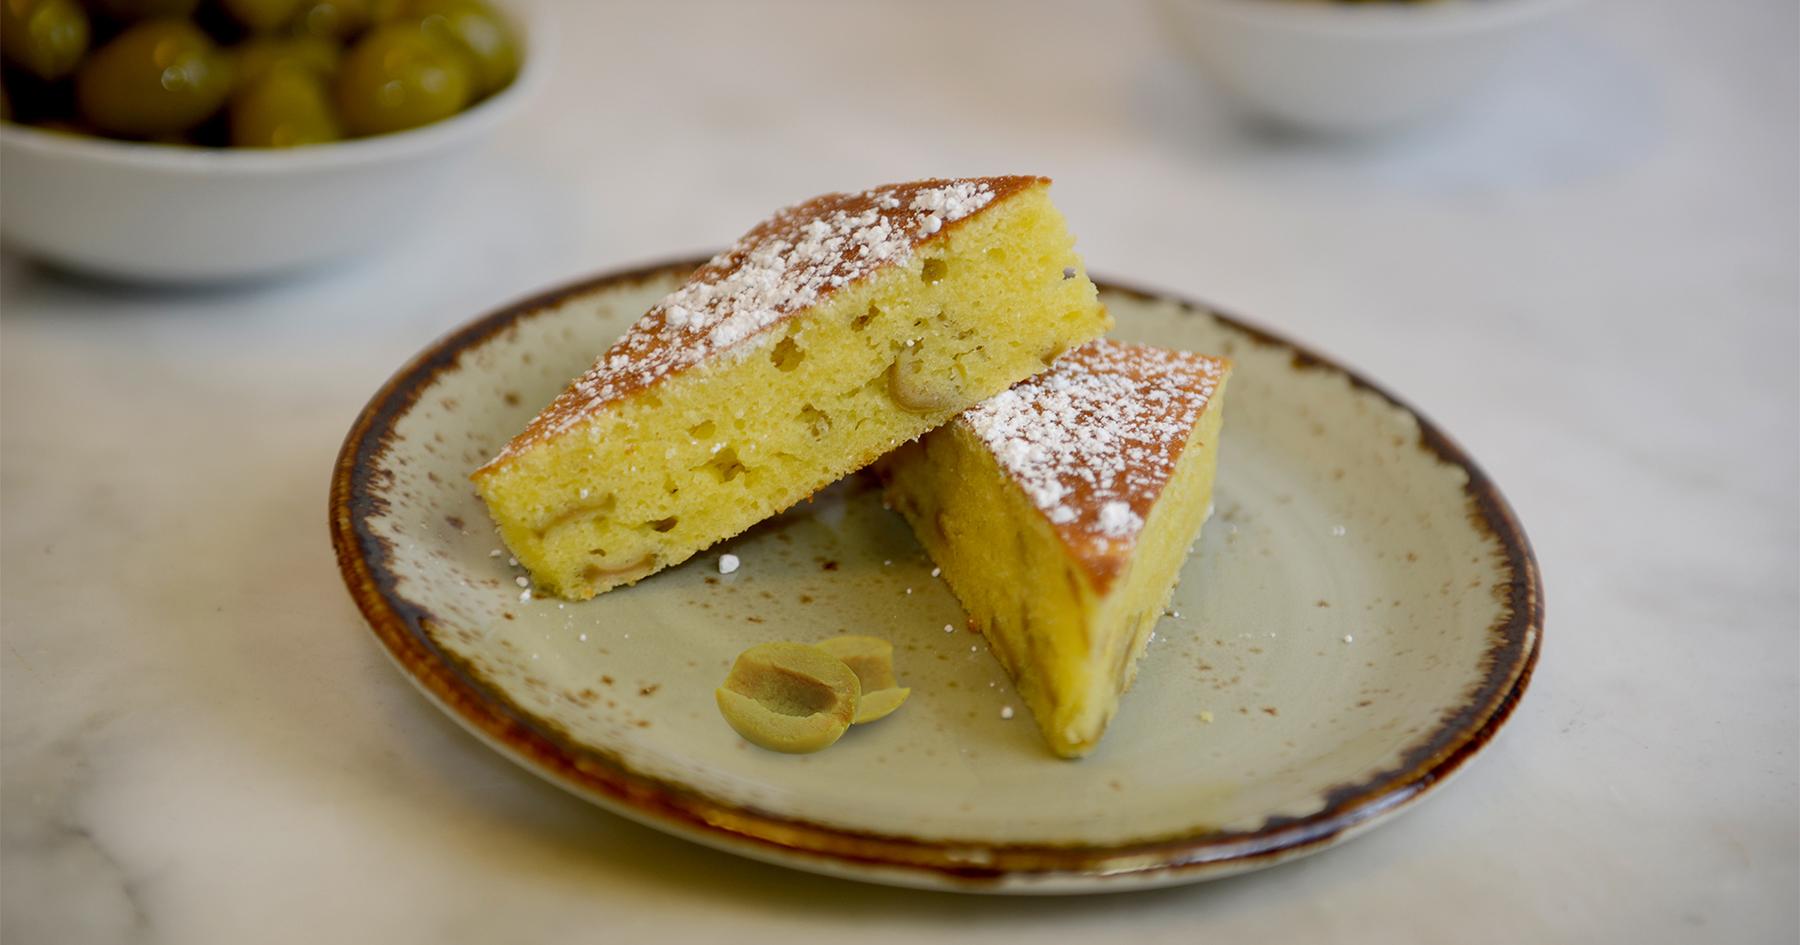 lemonc cake with manzanilla olives